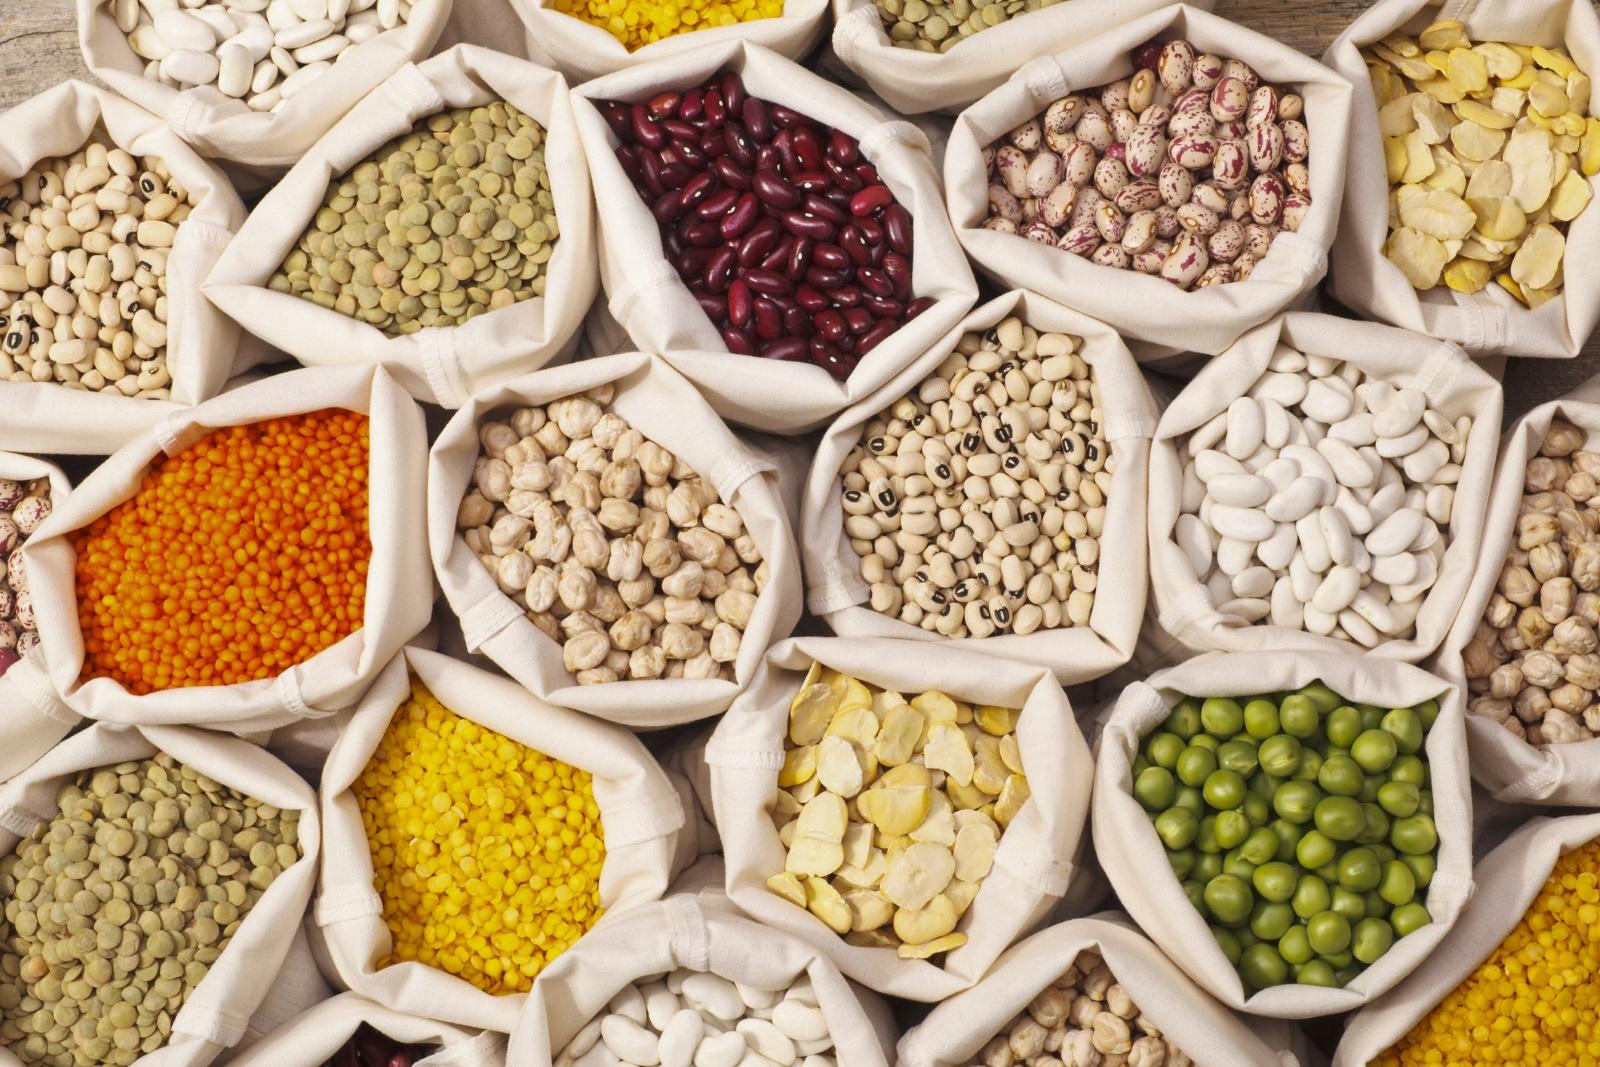 Да не забравяме и бобовите храни задобър тонус– фасул, леща, грах, соя, нахут.